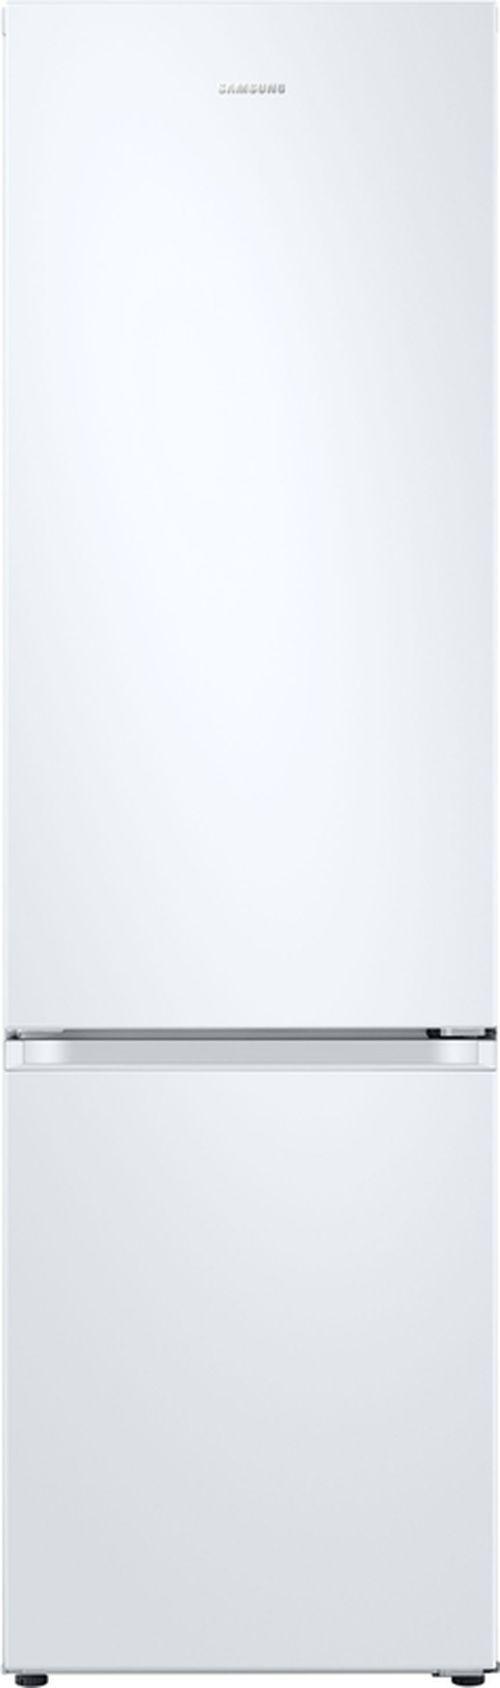 cumpără Frigider cu congelator jos Samsung RB38T603FWW/UA în Chișinău